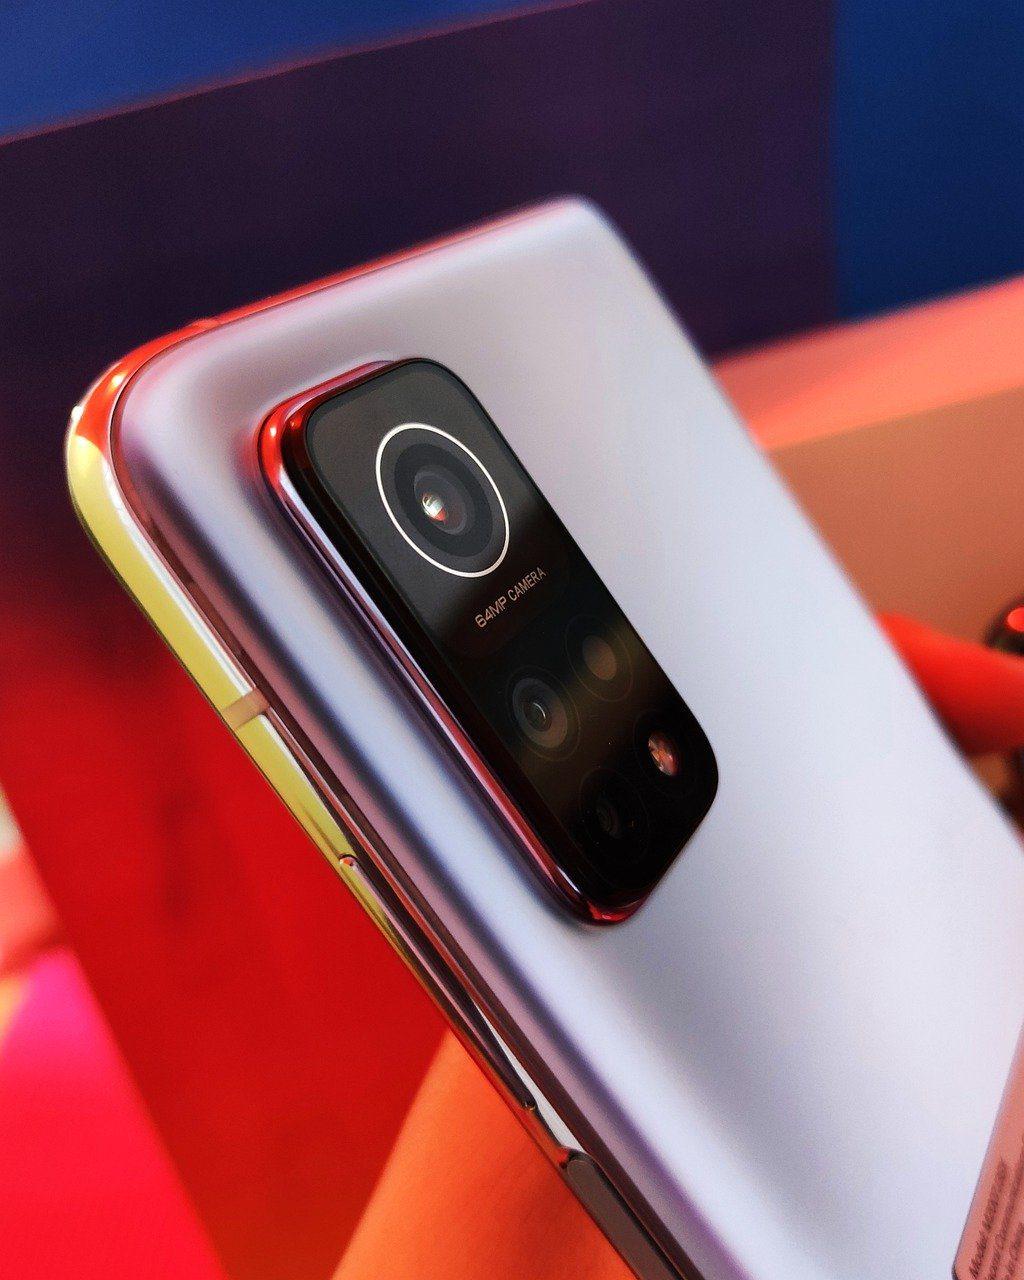 Os Lançamentos de Celulares Samsung, Motorola e Xiaomi em 2021